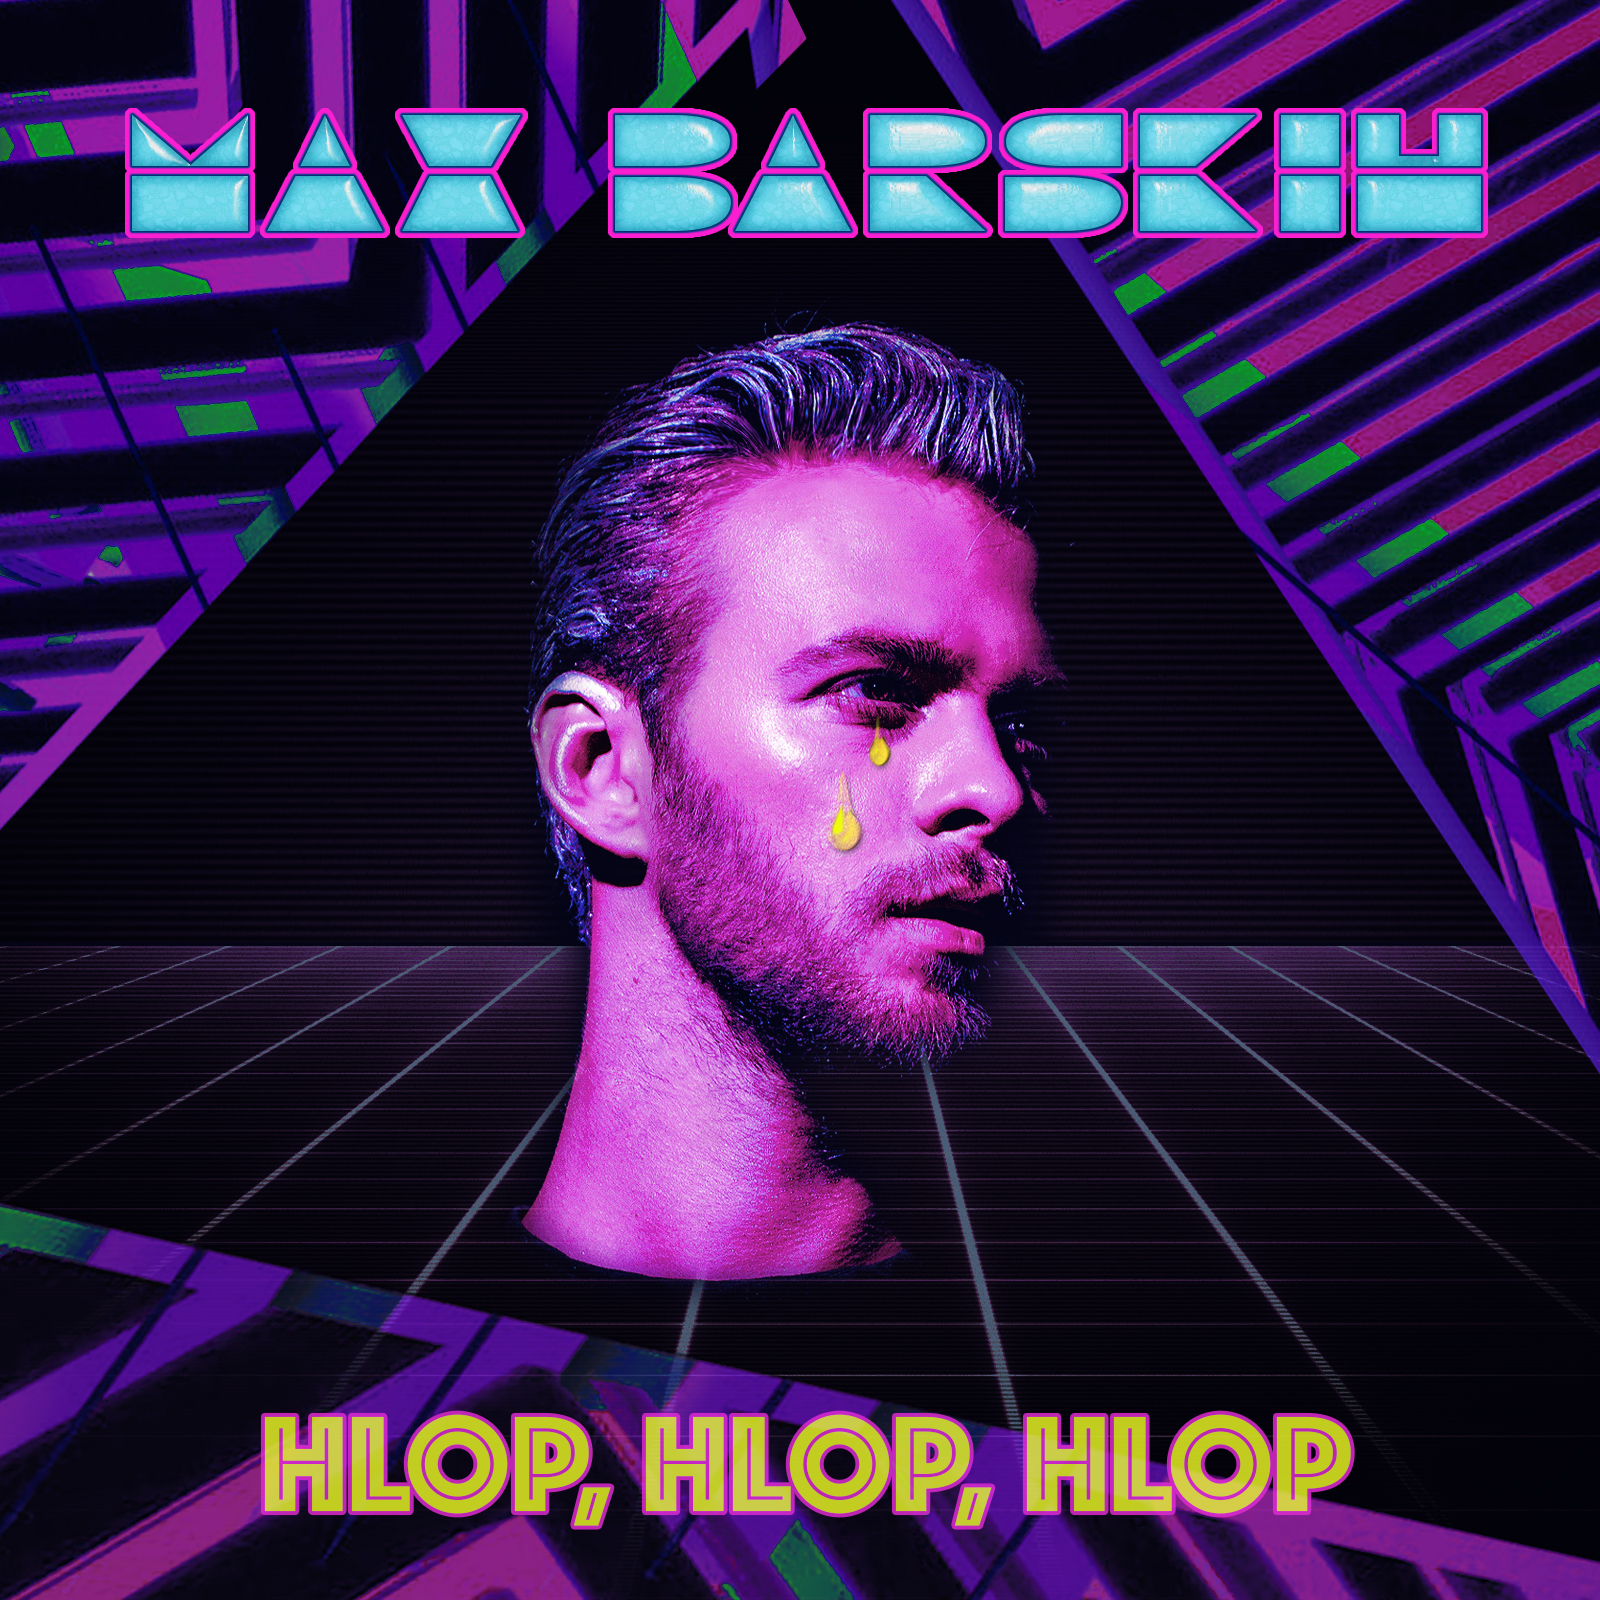 Макс Барских записал новую песню под названием HLOP, HLOP, HLOP.